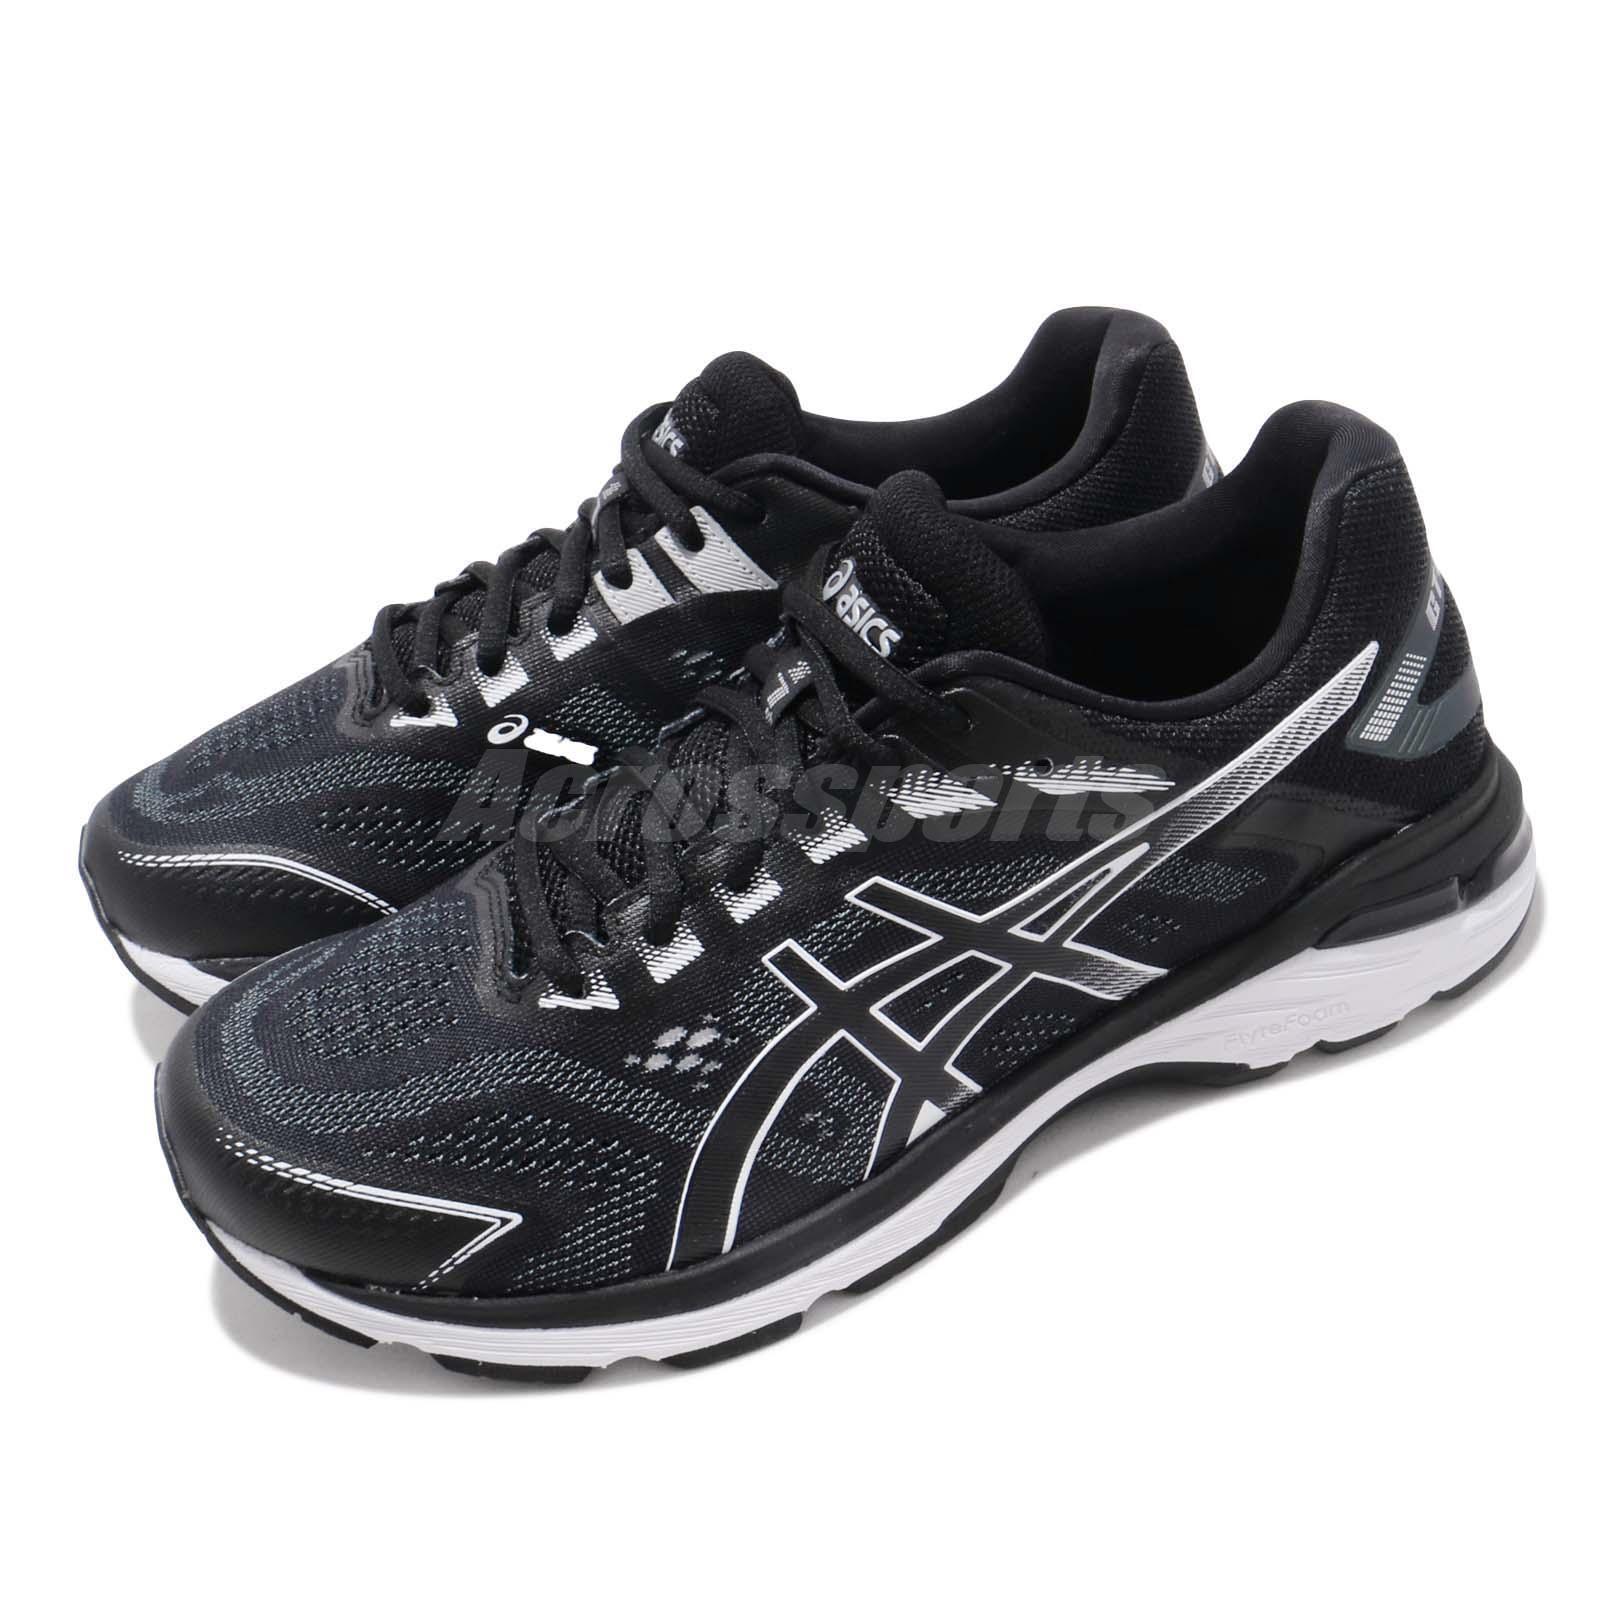 Asics GT 2000 7 4E Extra Ancho Negro blancoo blancoo blancoo Hombres Zapatos Tenis Para Correr 1011A161-001 74c09d